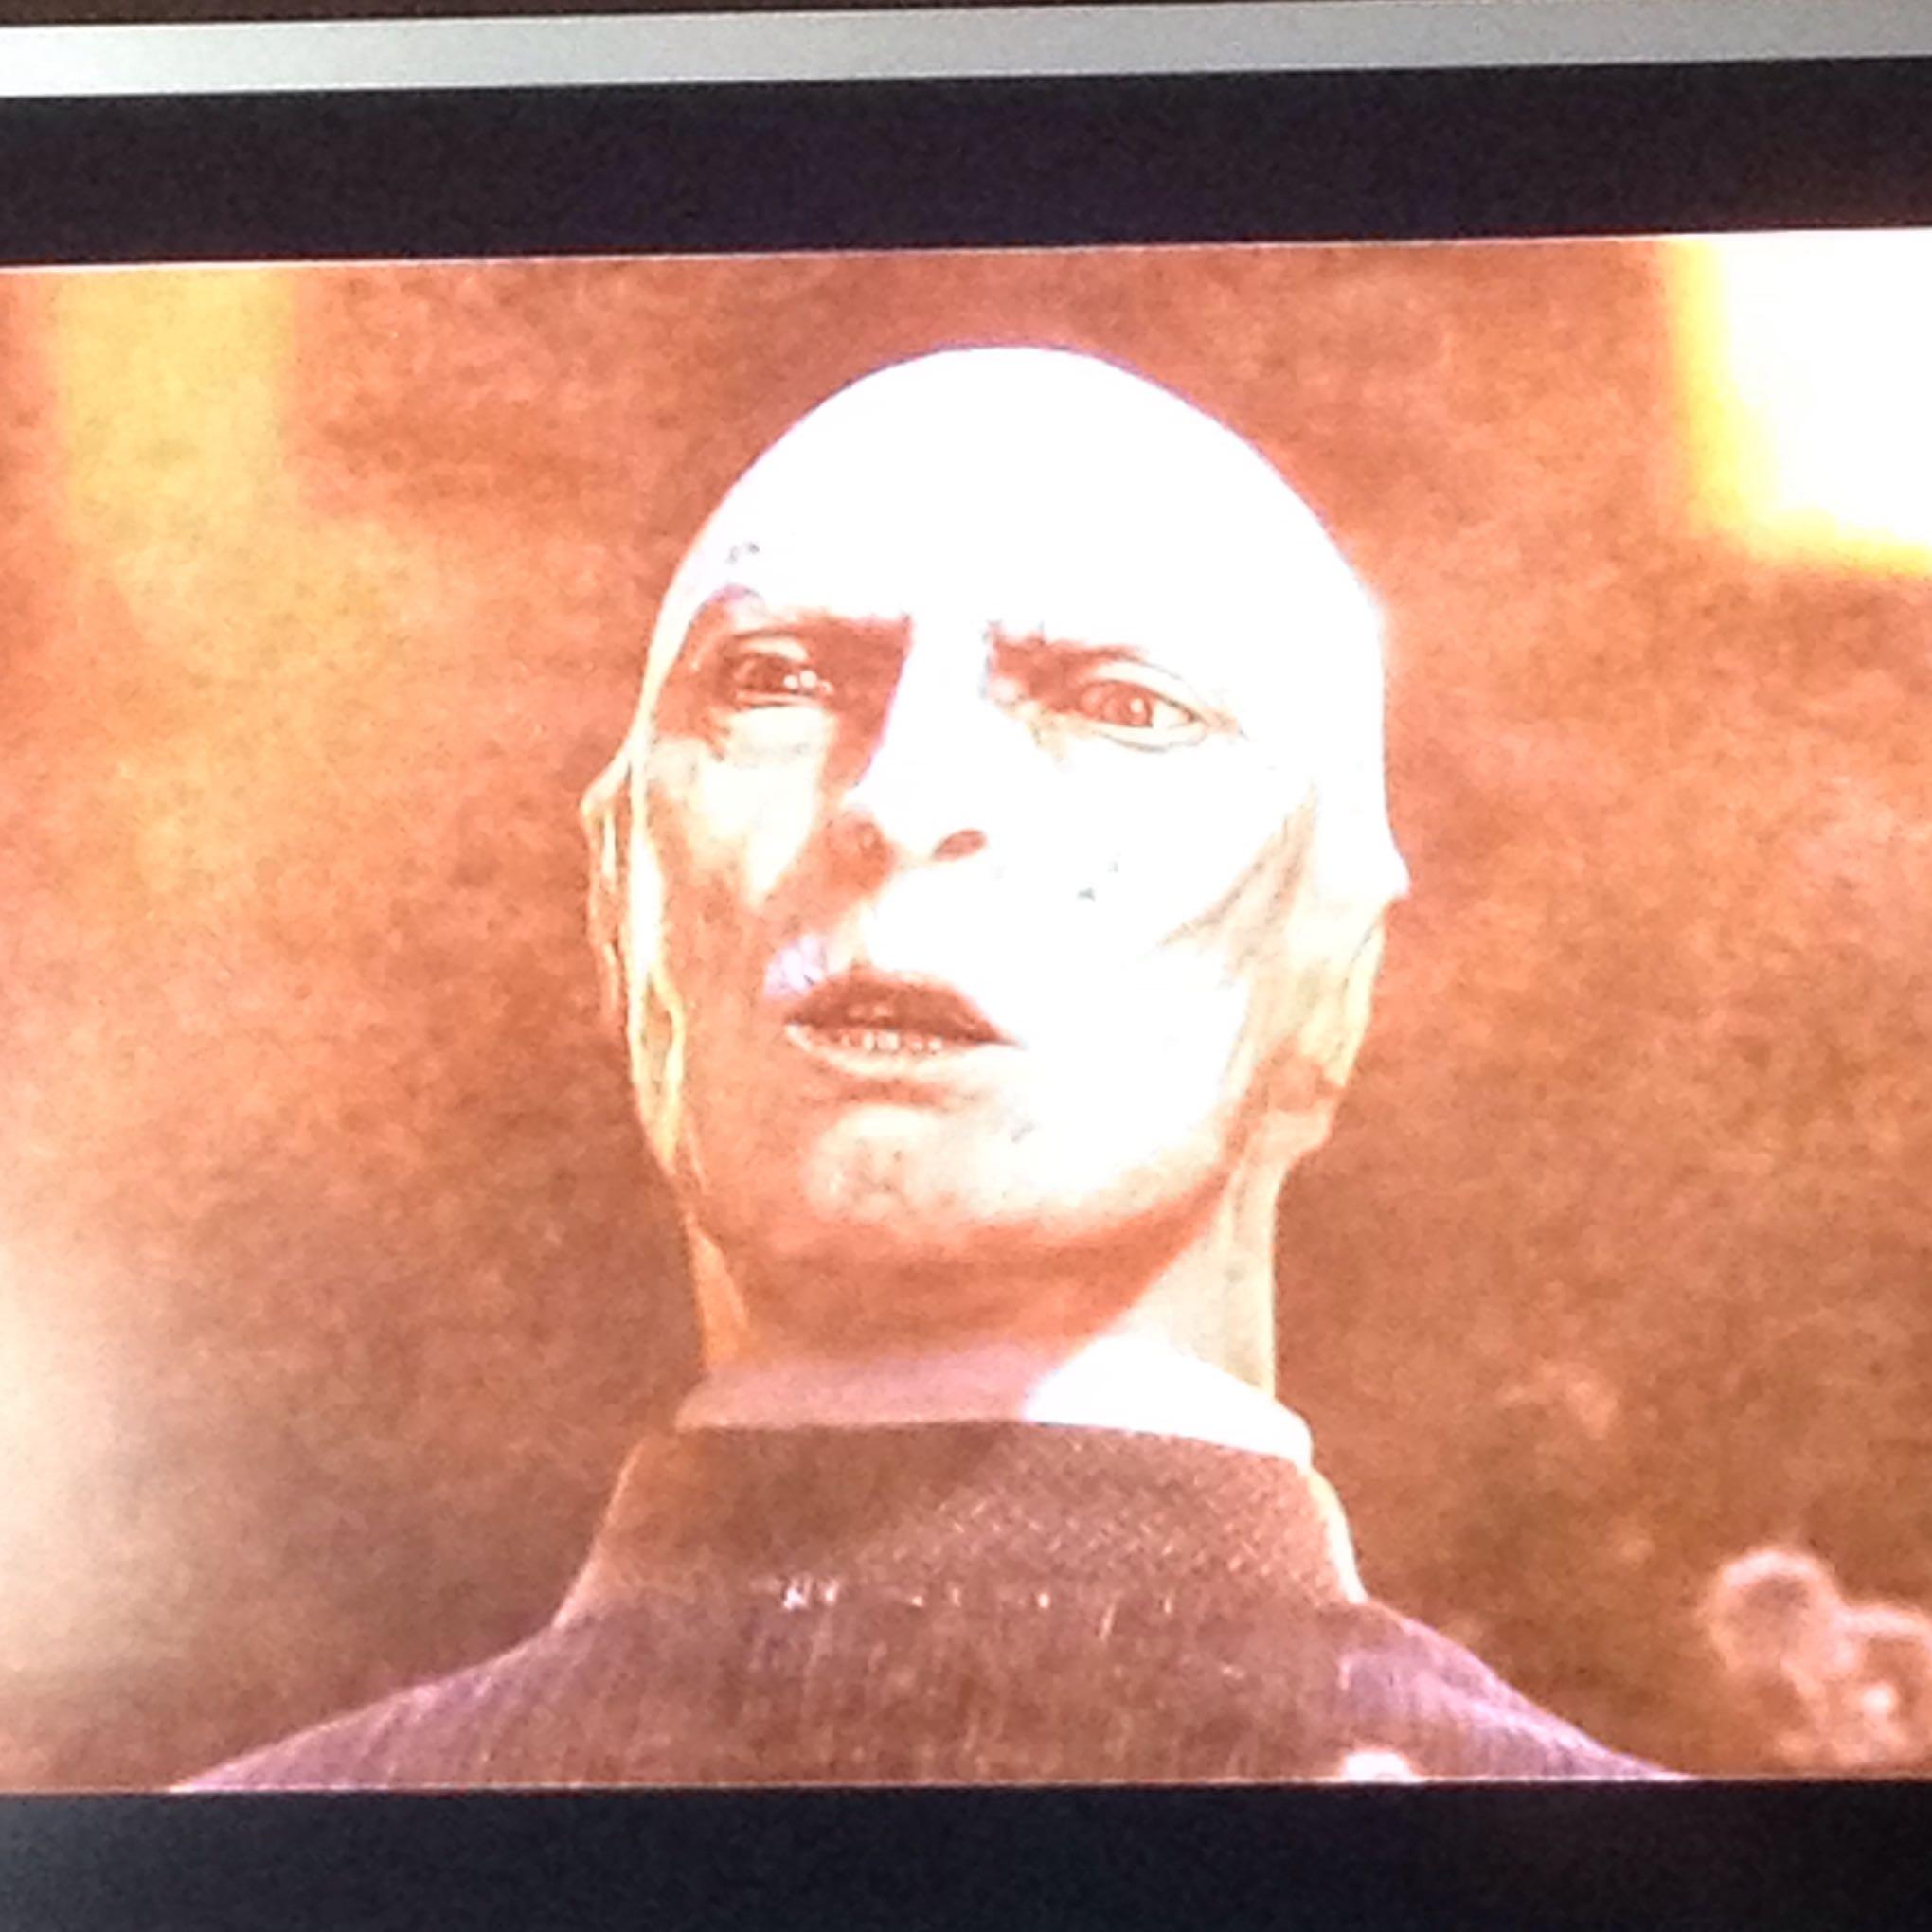 Wieso Hat Voldemort Keine Nase